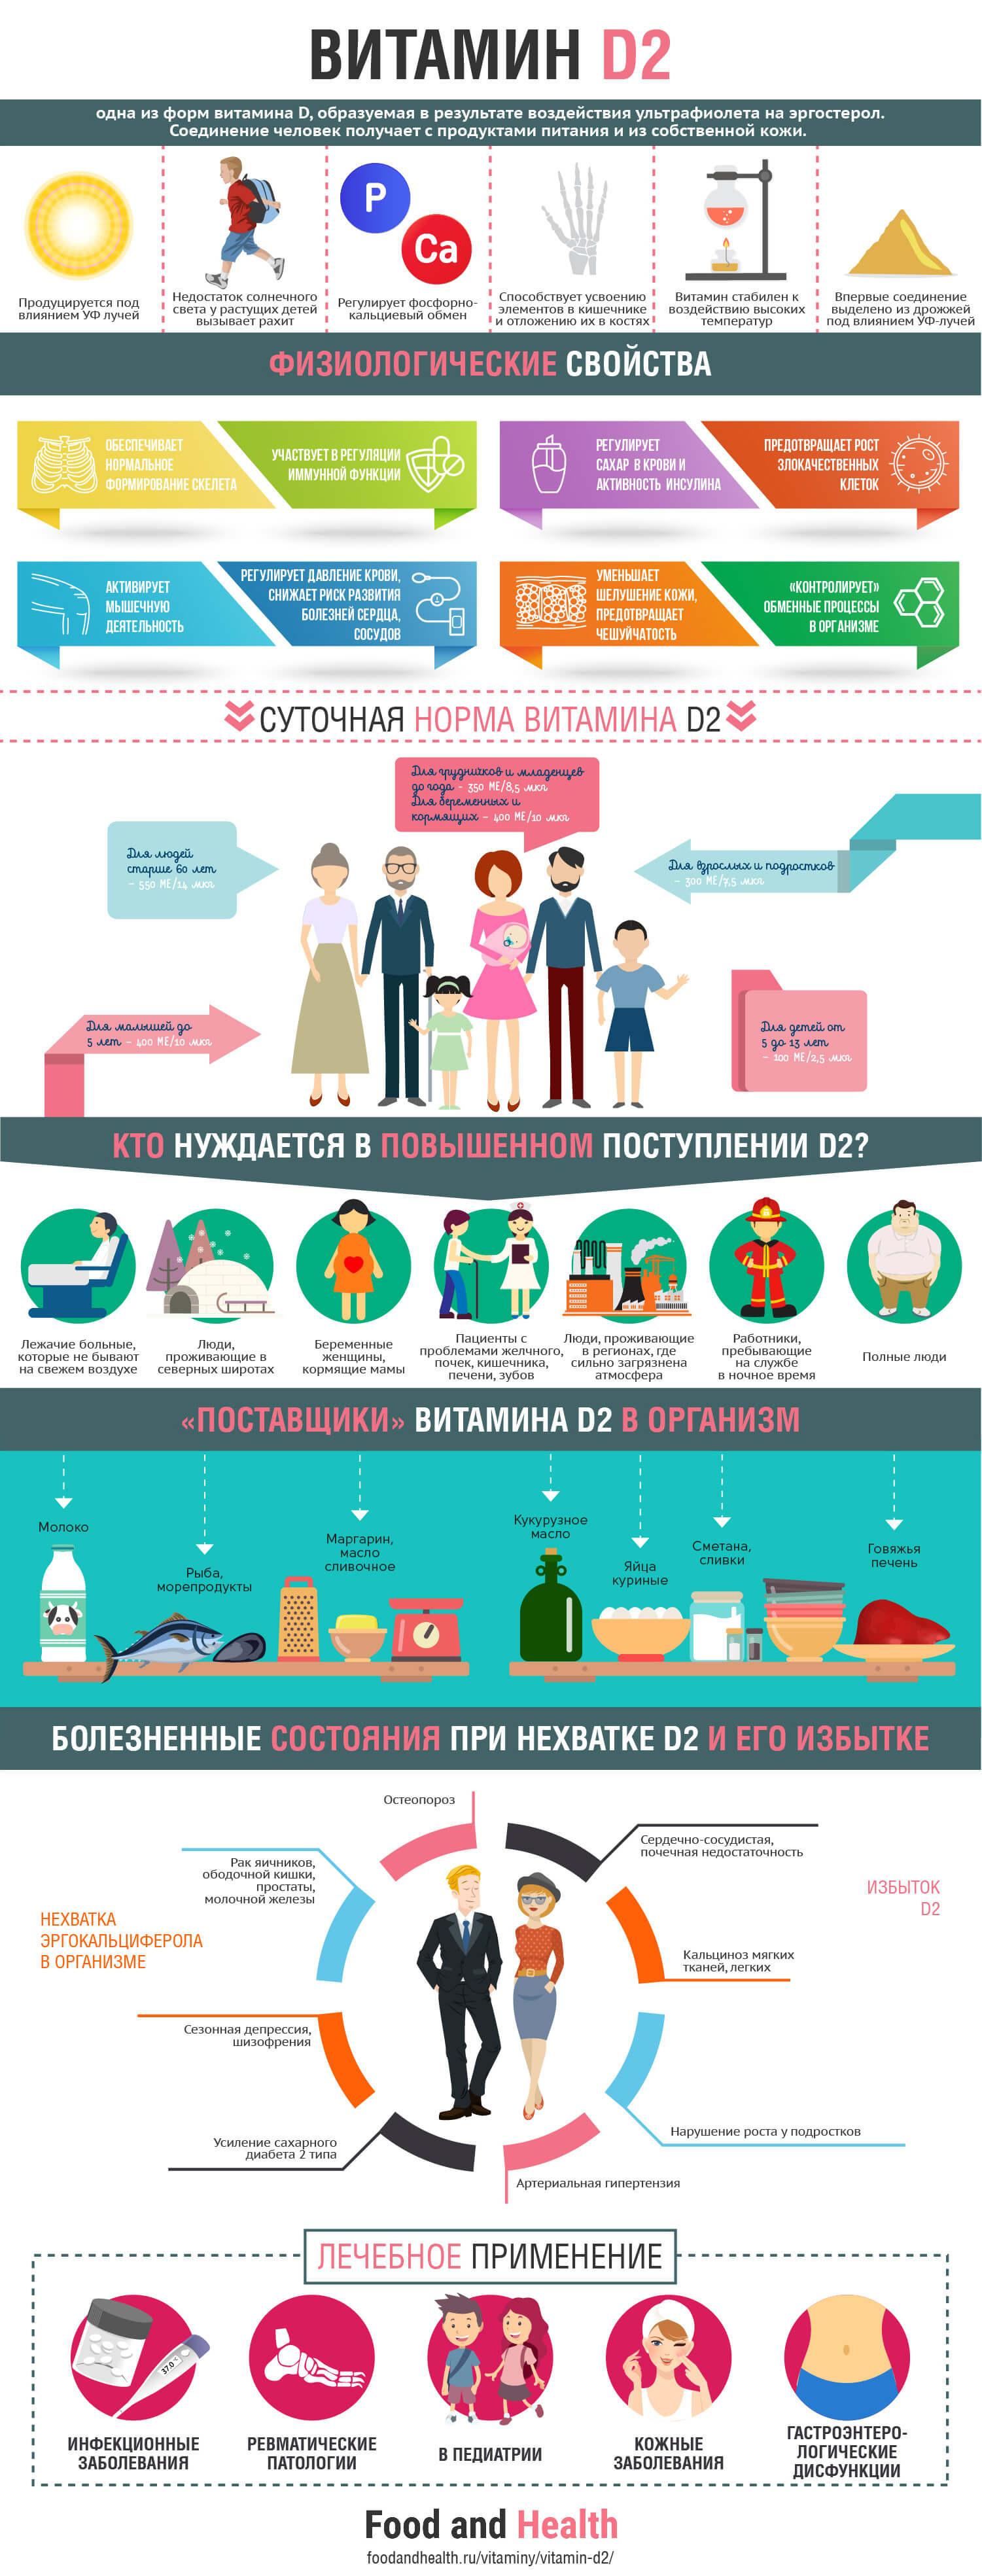 Витамин D2: инфографика